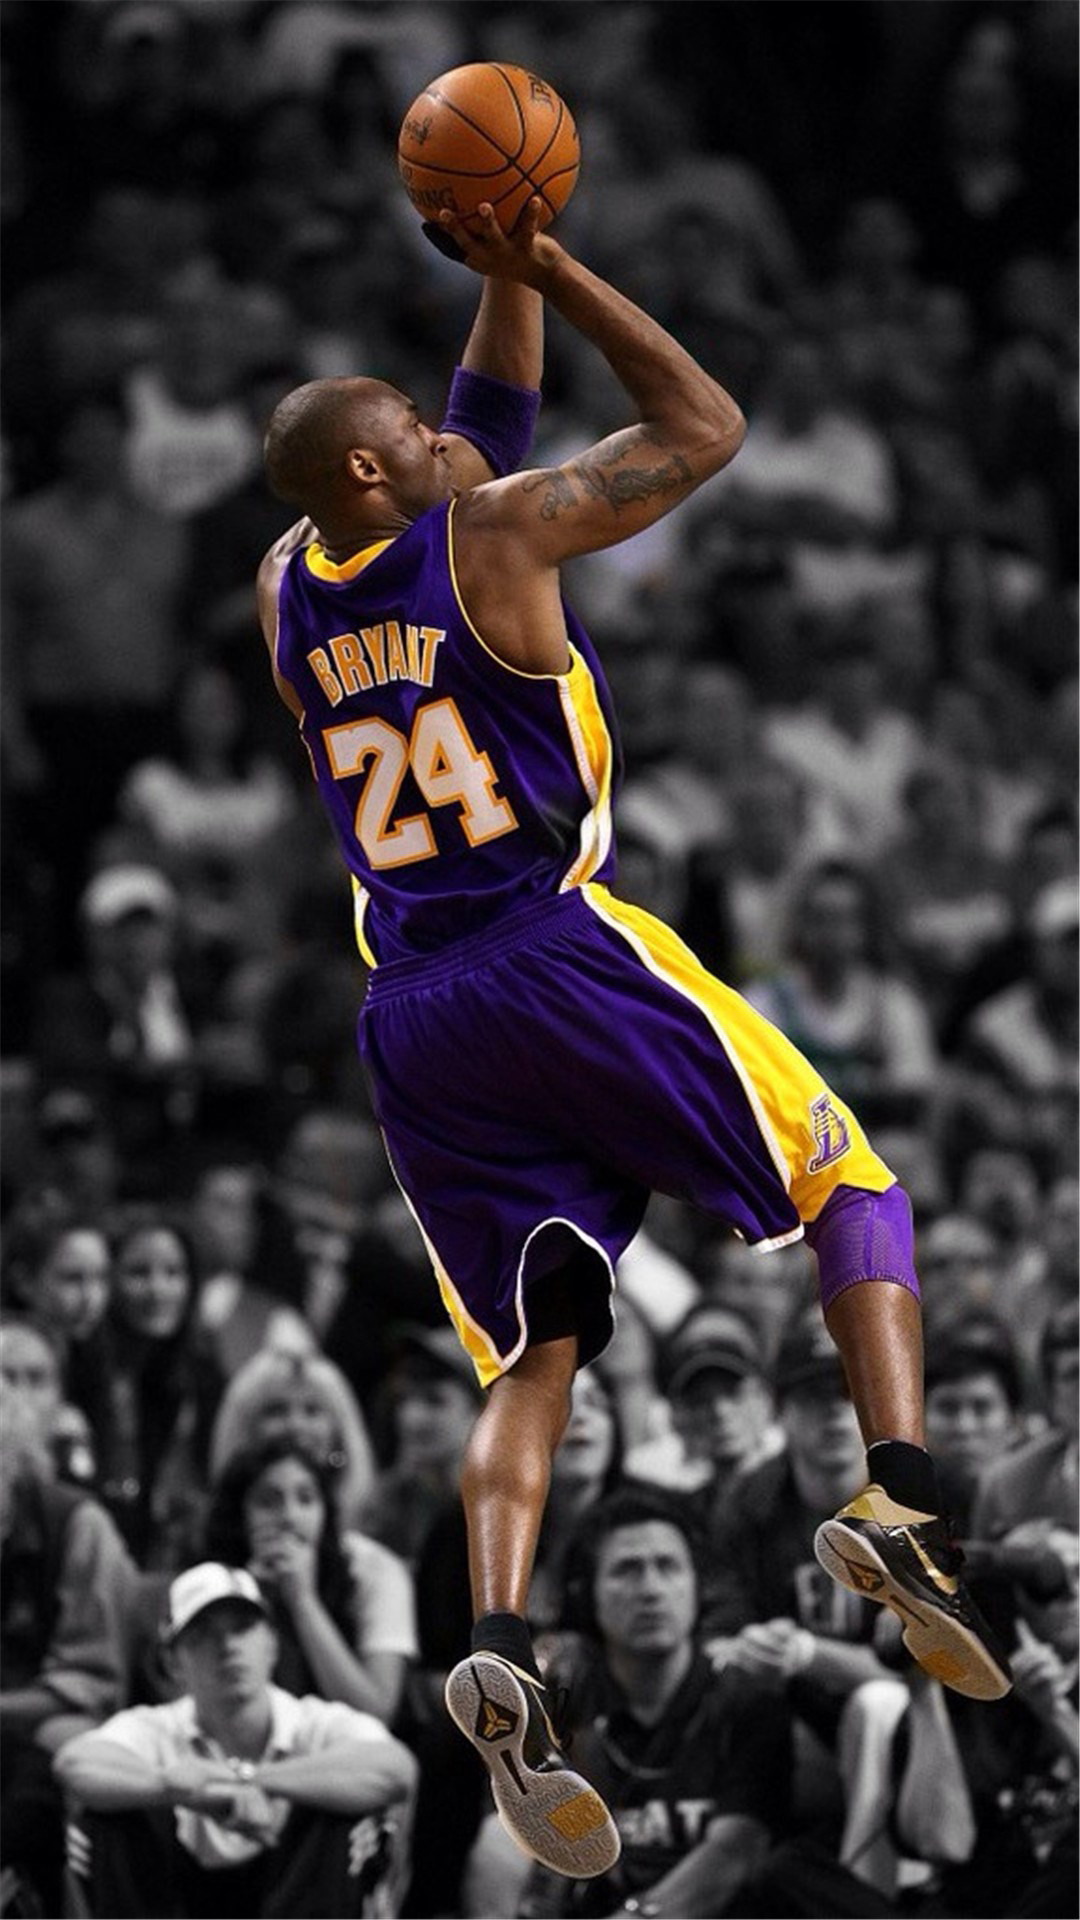 壁纸收藏   起于凌晨四点的信仰,归于凌晨四点的安详,愿天堂也有亲爱的篮球,My Hero,Rest In Peace!